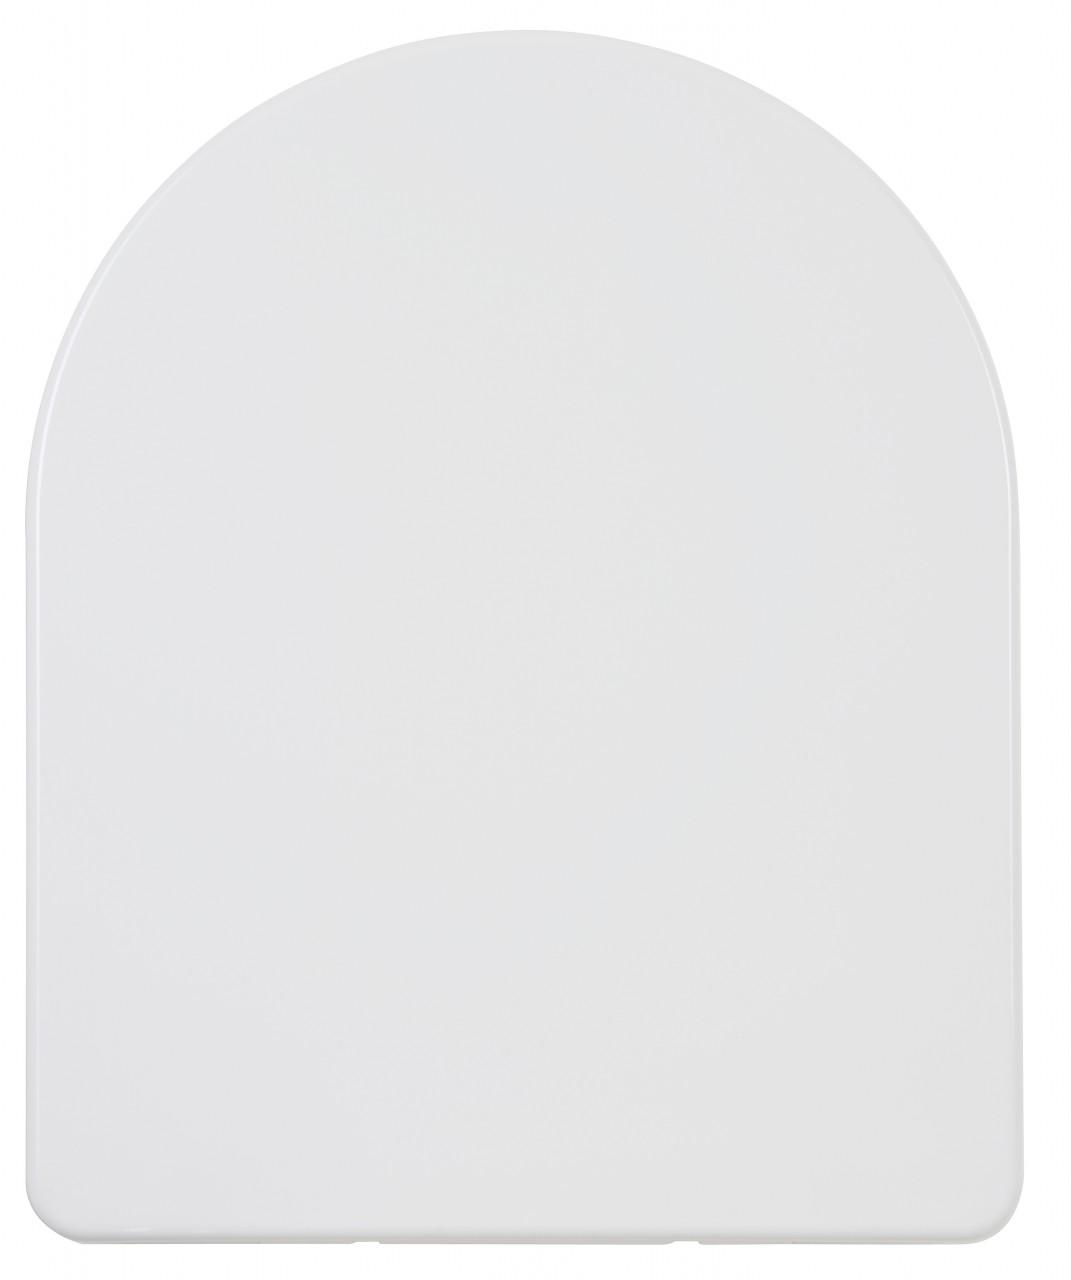 WC-Sitz weiss, Duroplast, Deckel übergreifend, mit Absenkautomatik 401319